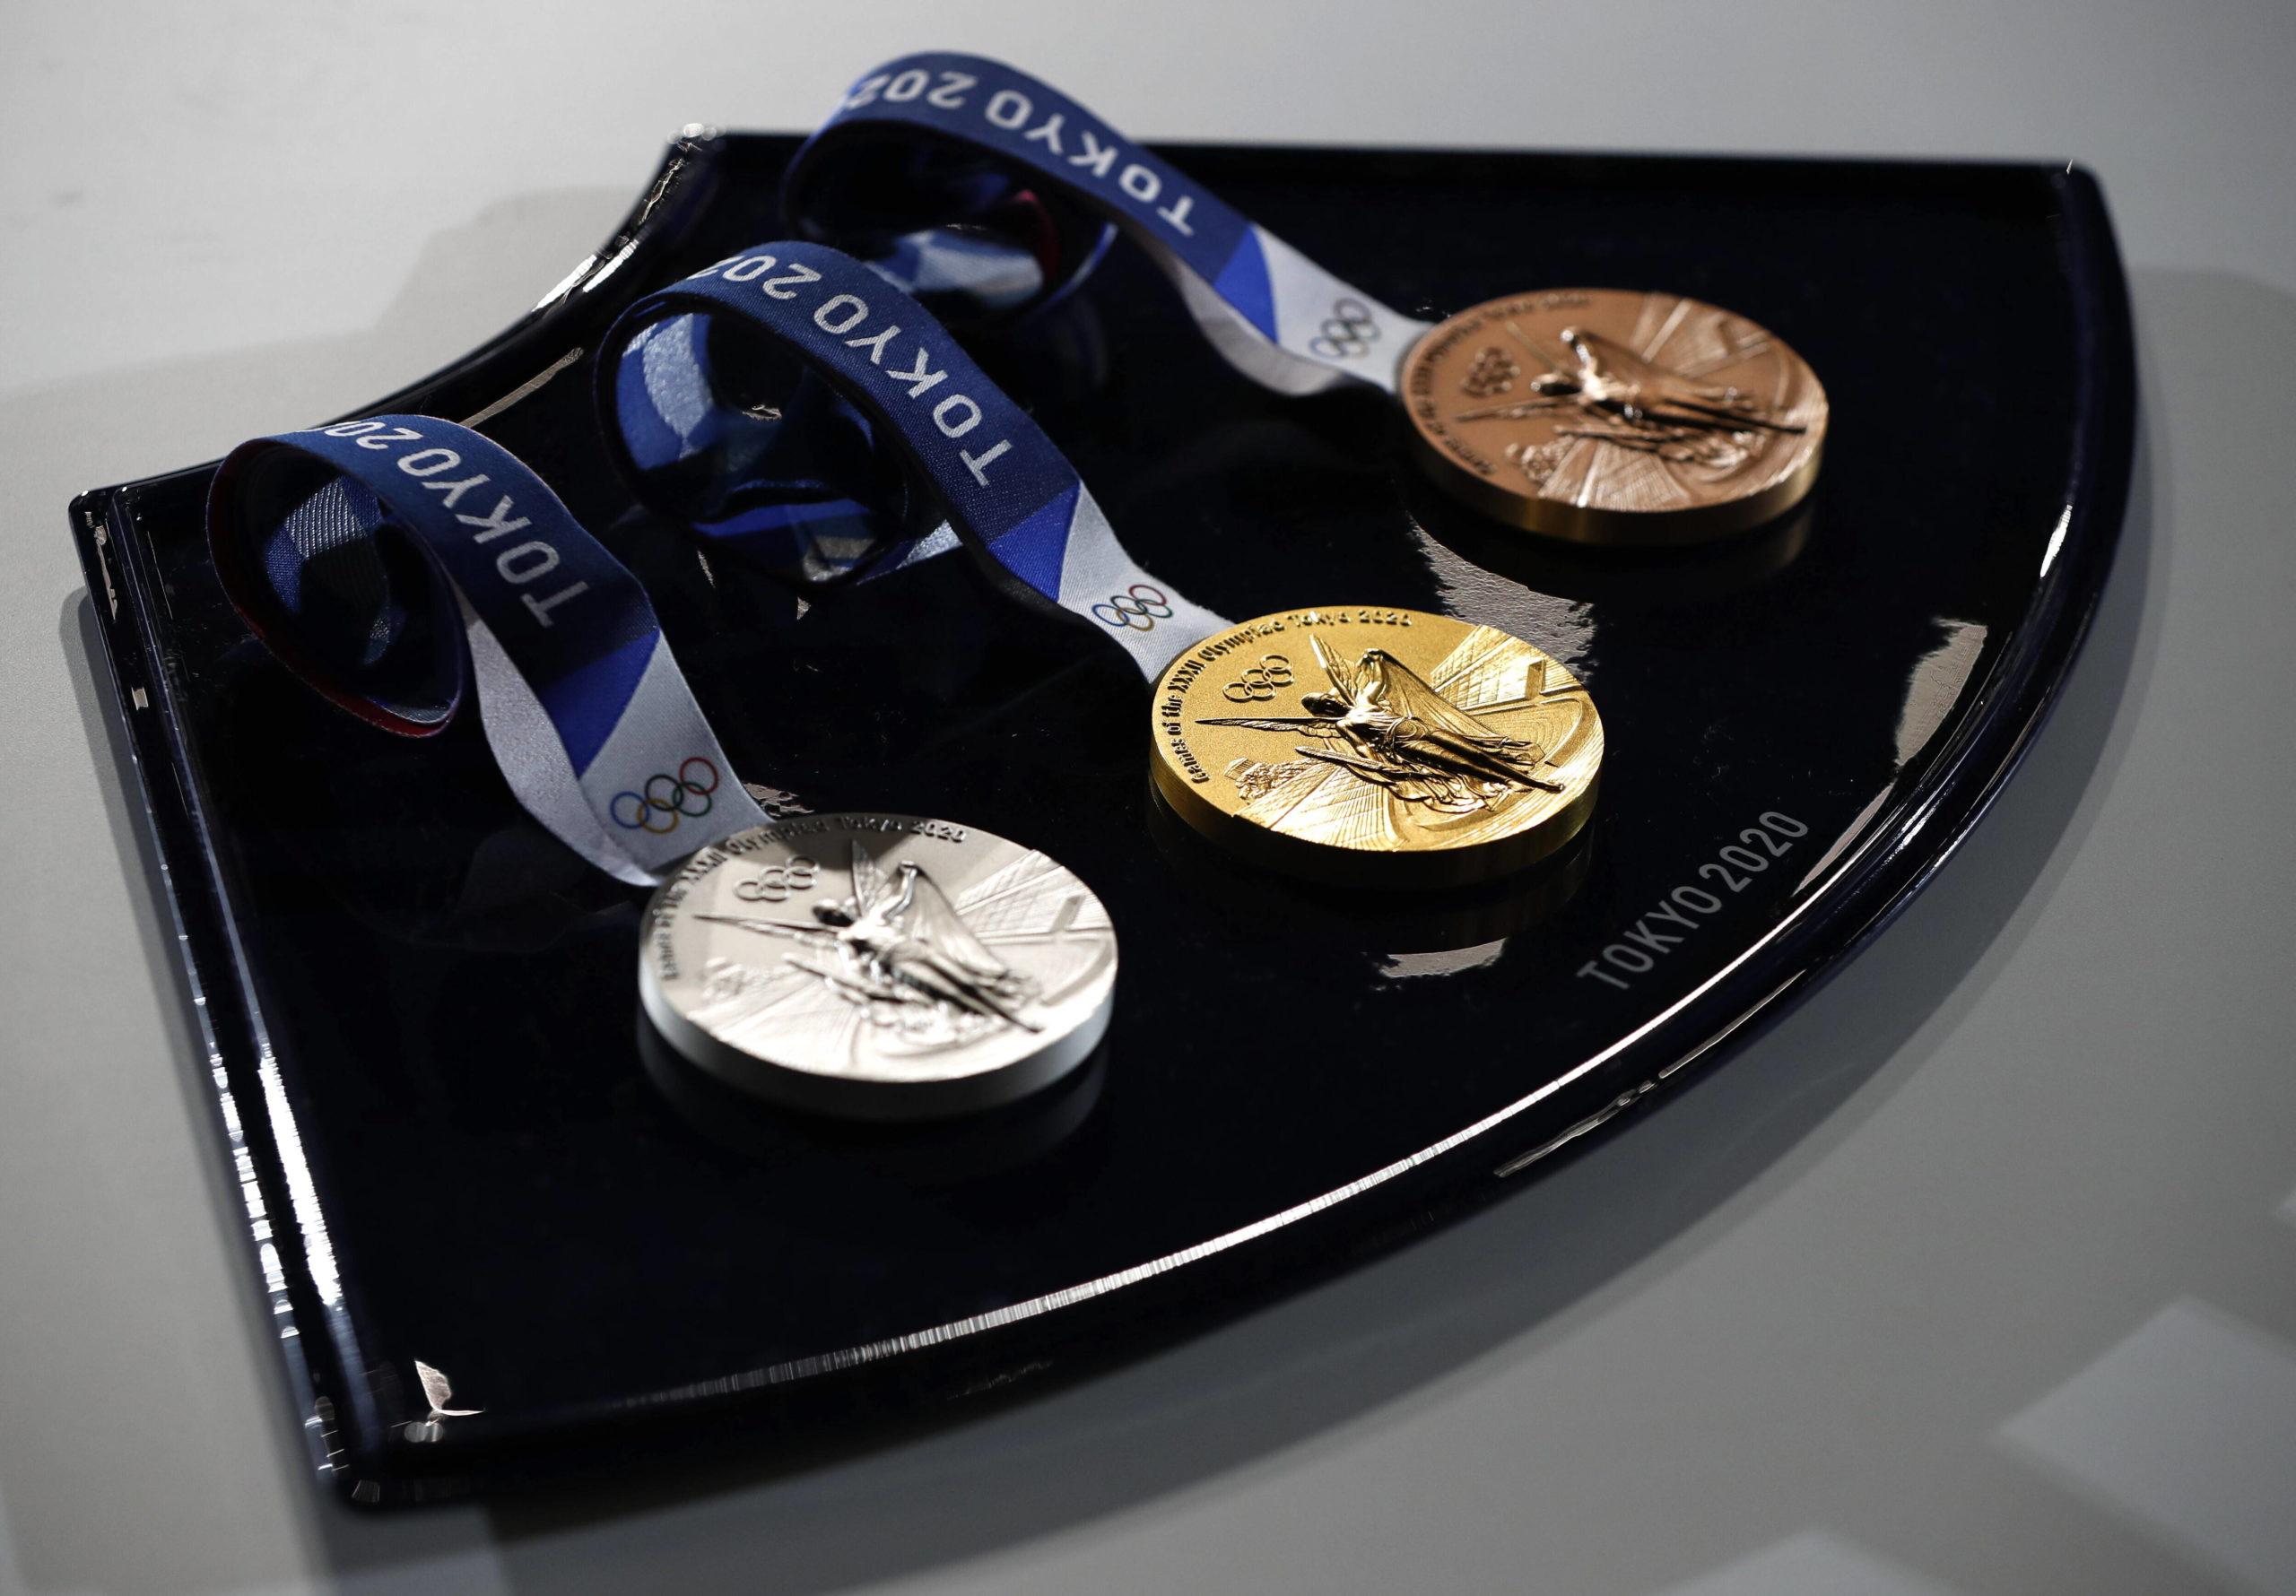 Οι Ολυμπιακοί Αγώνες ξεκινούν σε λίγες ημέρες!